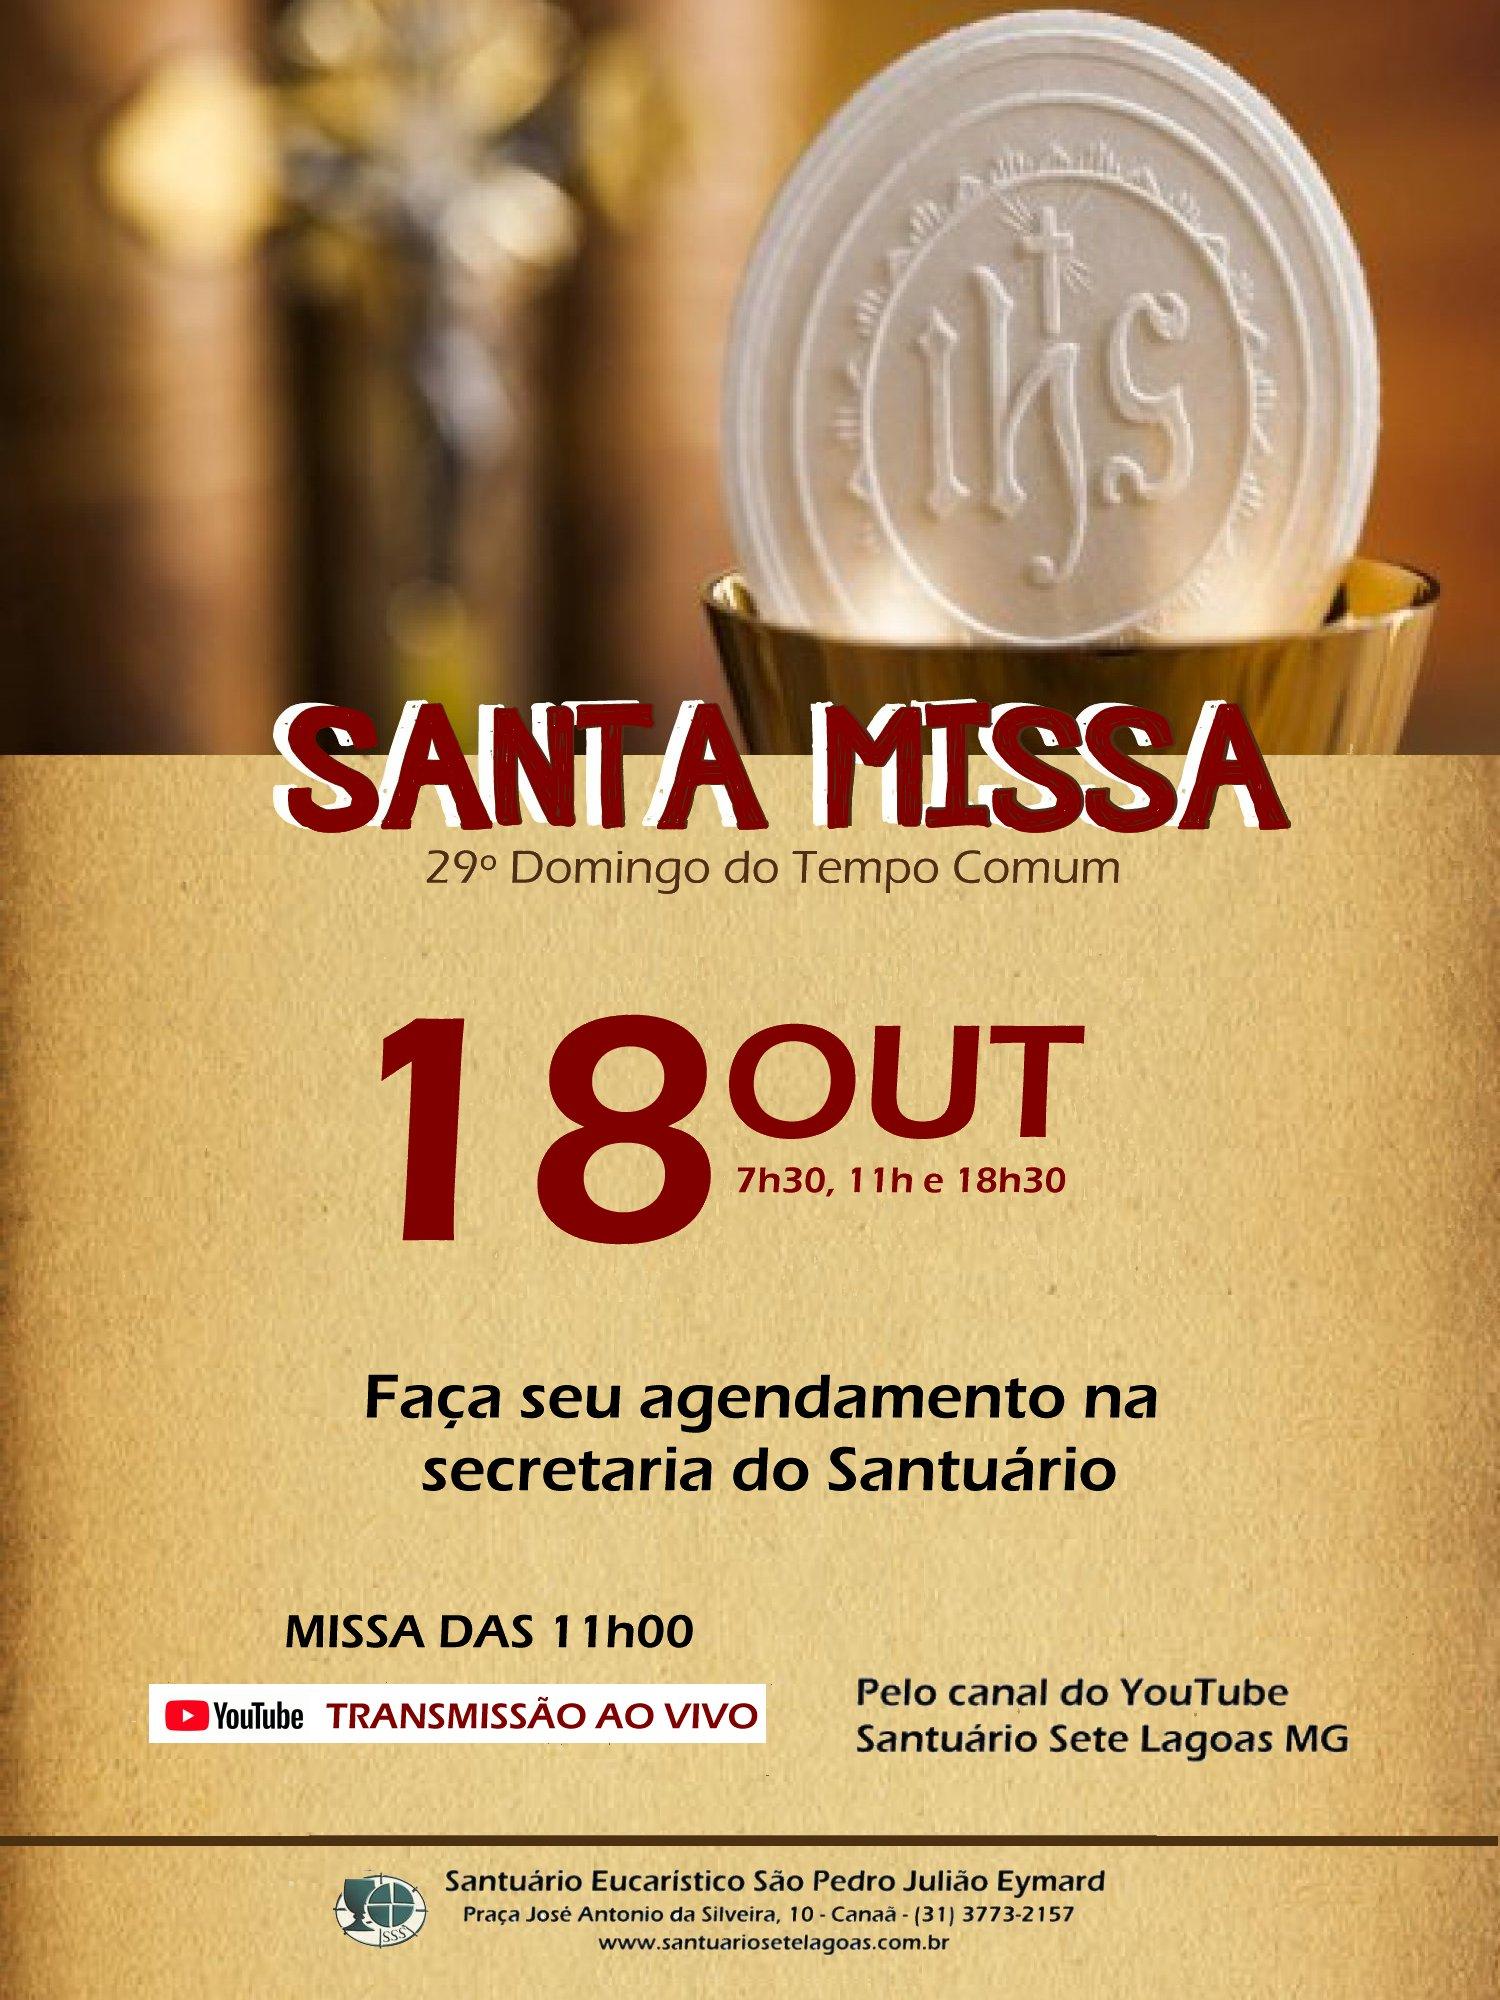 Santa Missa presencial com transmissão ao vivo, 18/10. Participe!